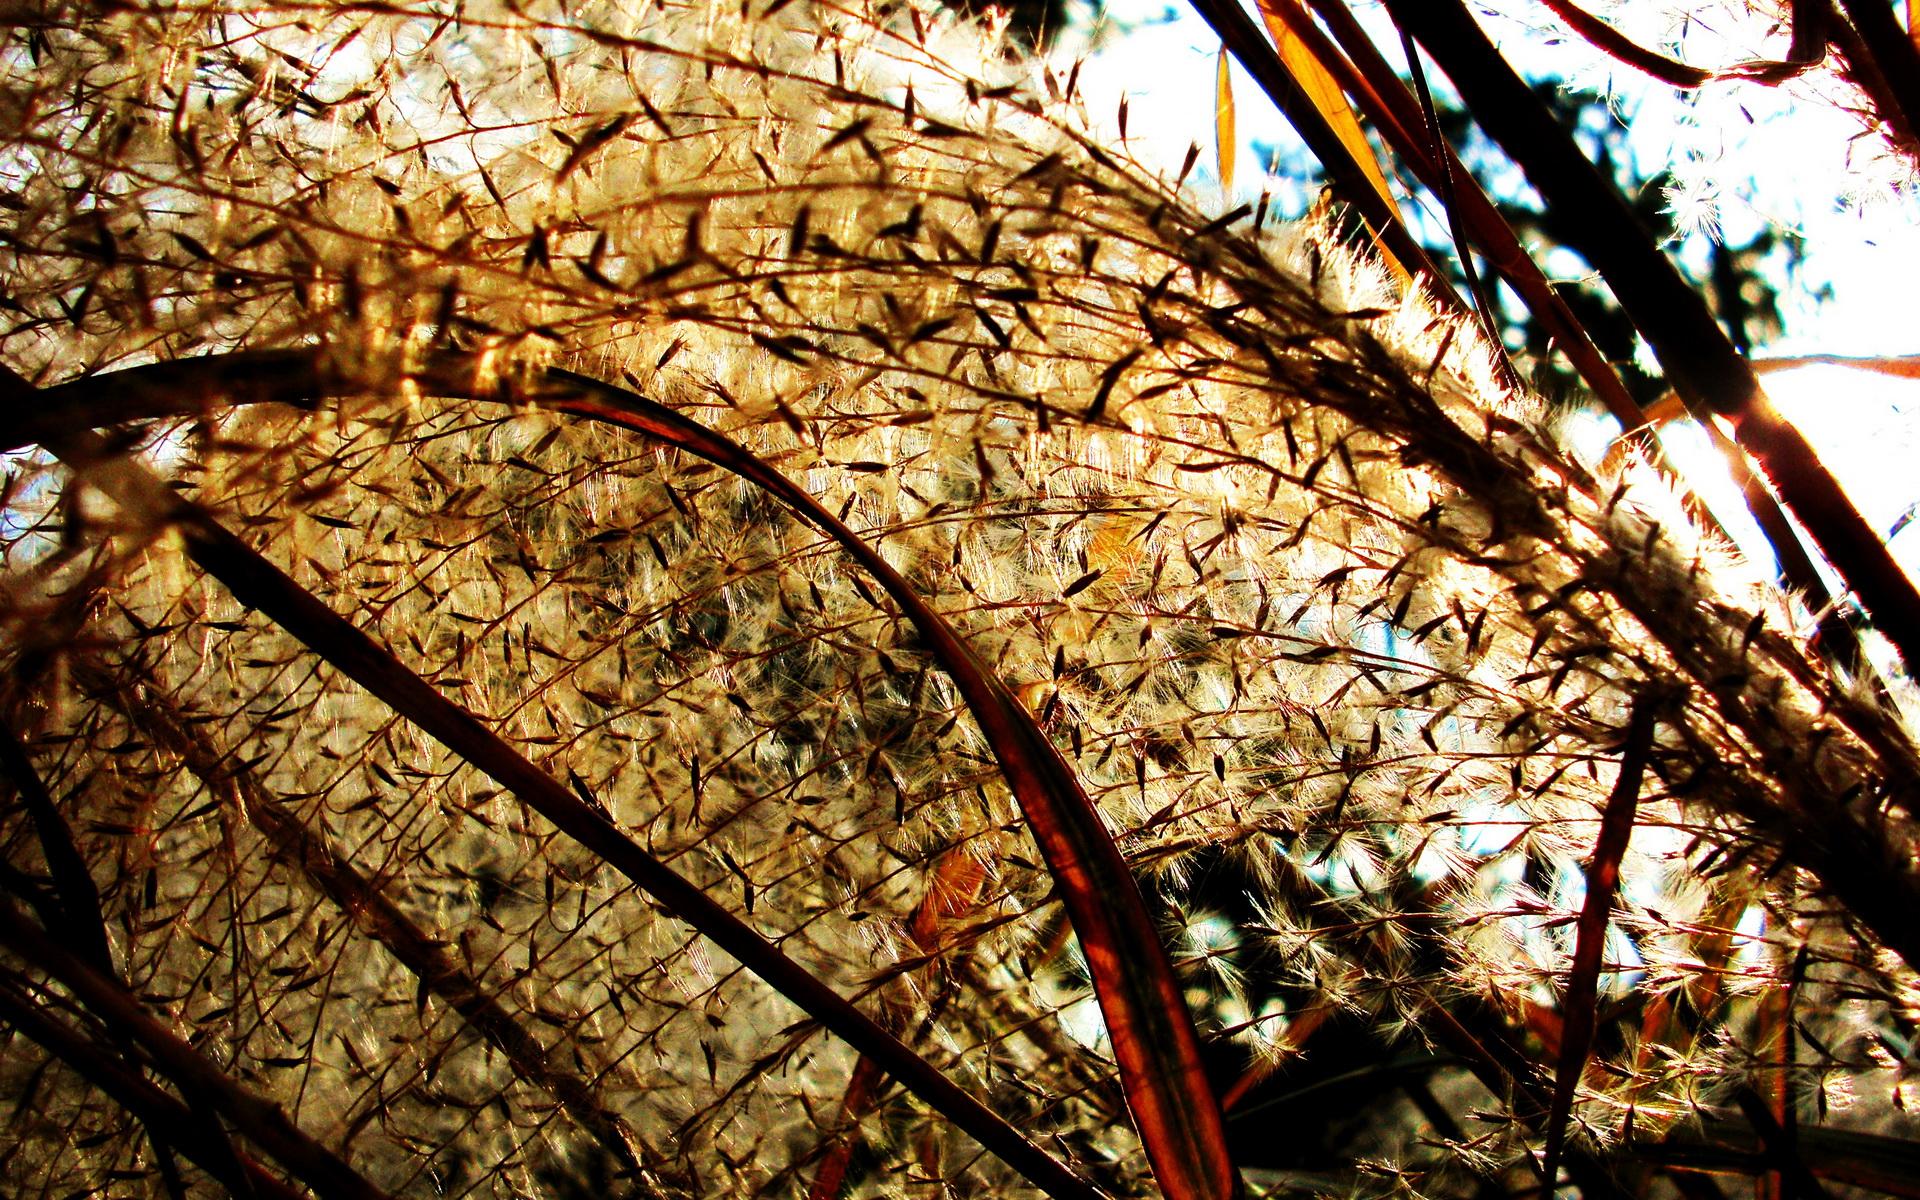 壁纸1920×1200日本随拍之游 风光风景植物宽屏壁纸 壁纸3壁纸 日本随拍之游 风光风壁纸图片风景壁纸风景图片素材桌面壁纸